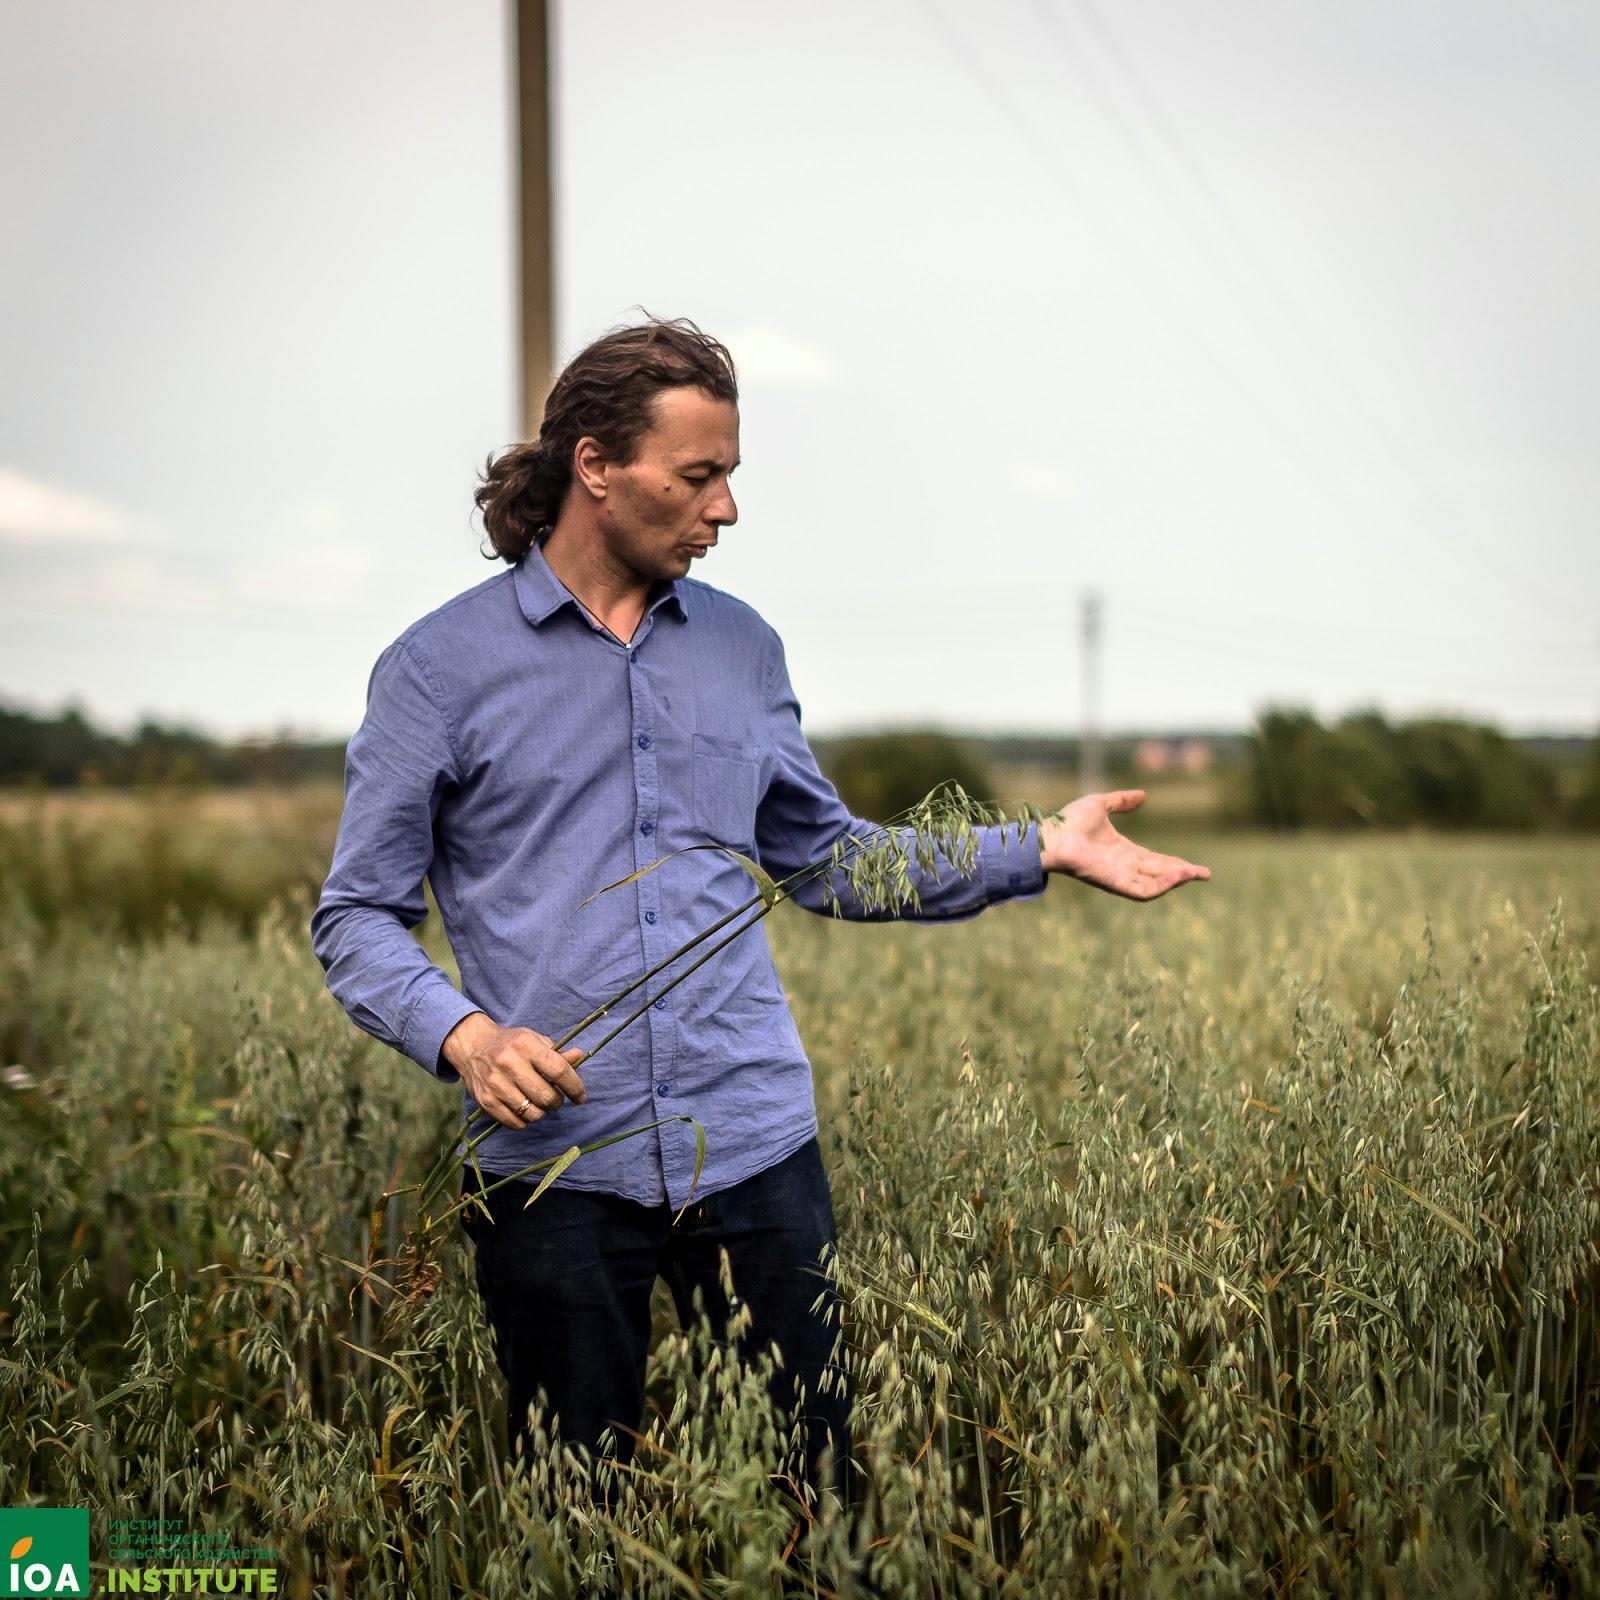 Георгий Безбородов. Институт органического сельского хозяйства